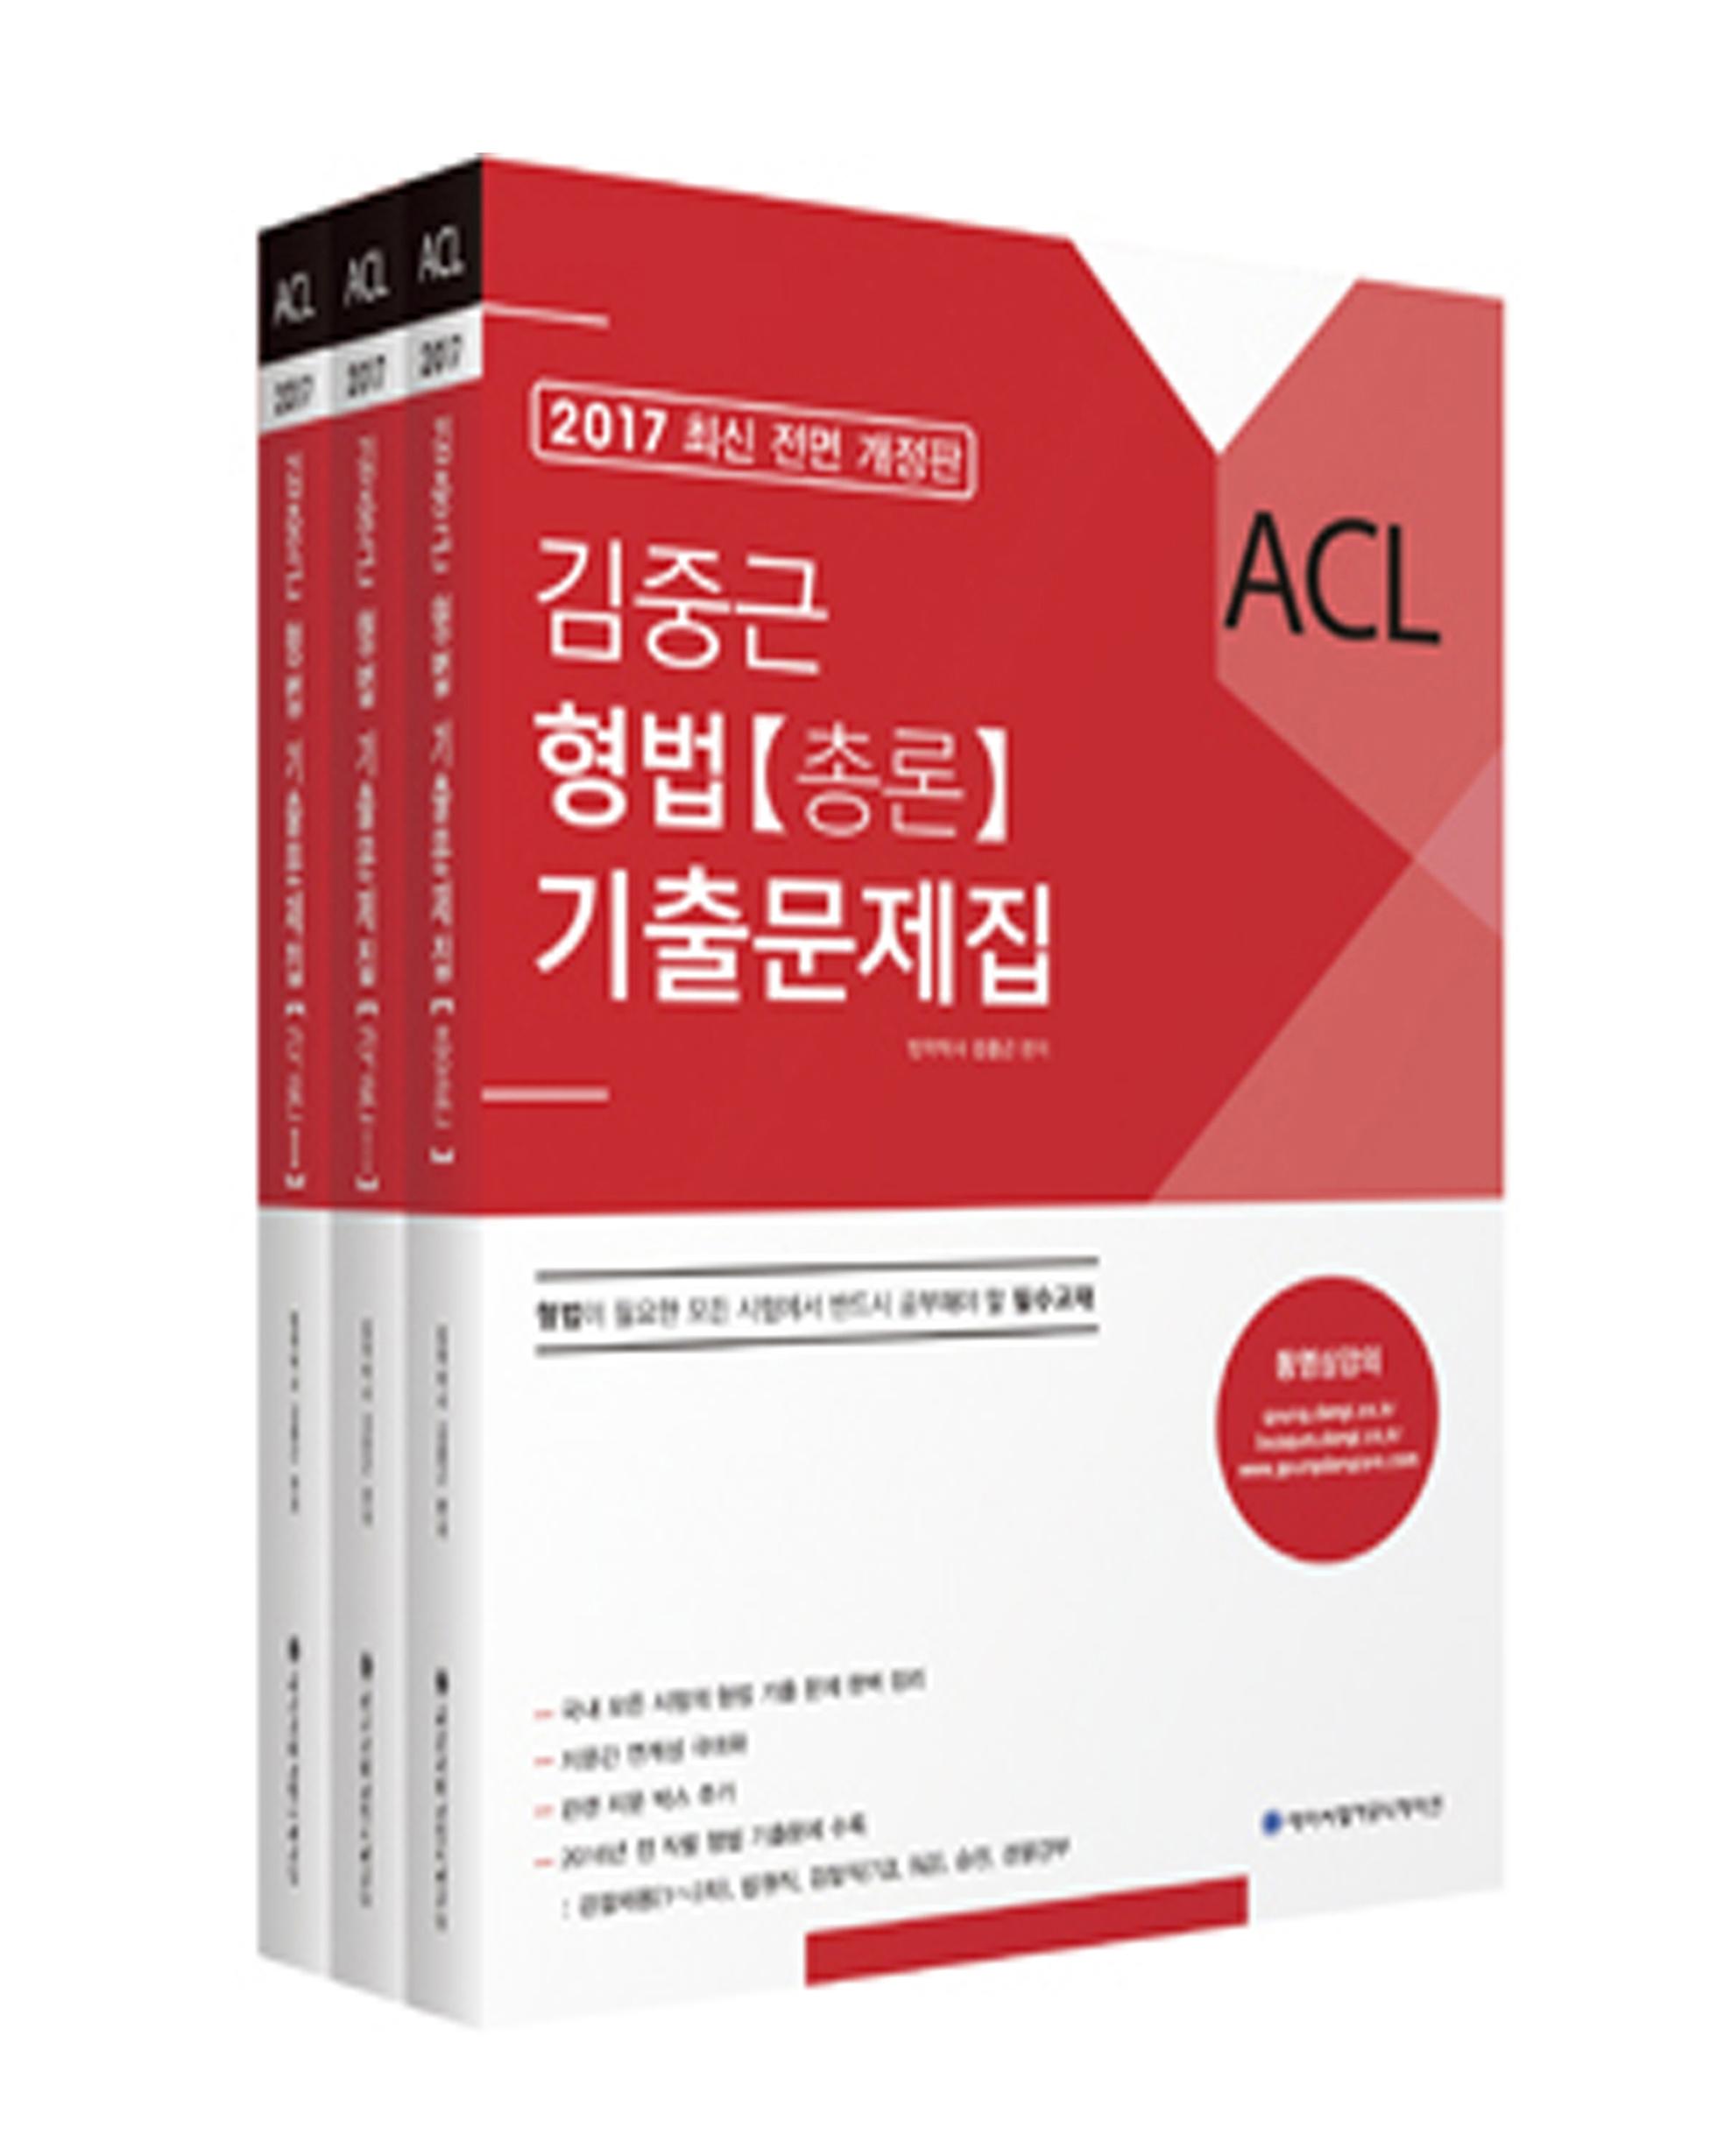 [단기펜교재] 2017 ACL 김중근 형법 기출문제집